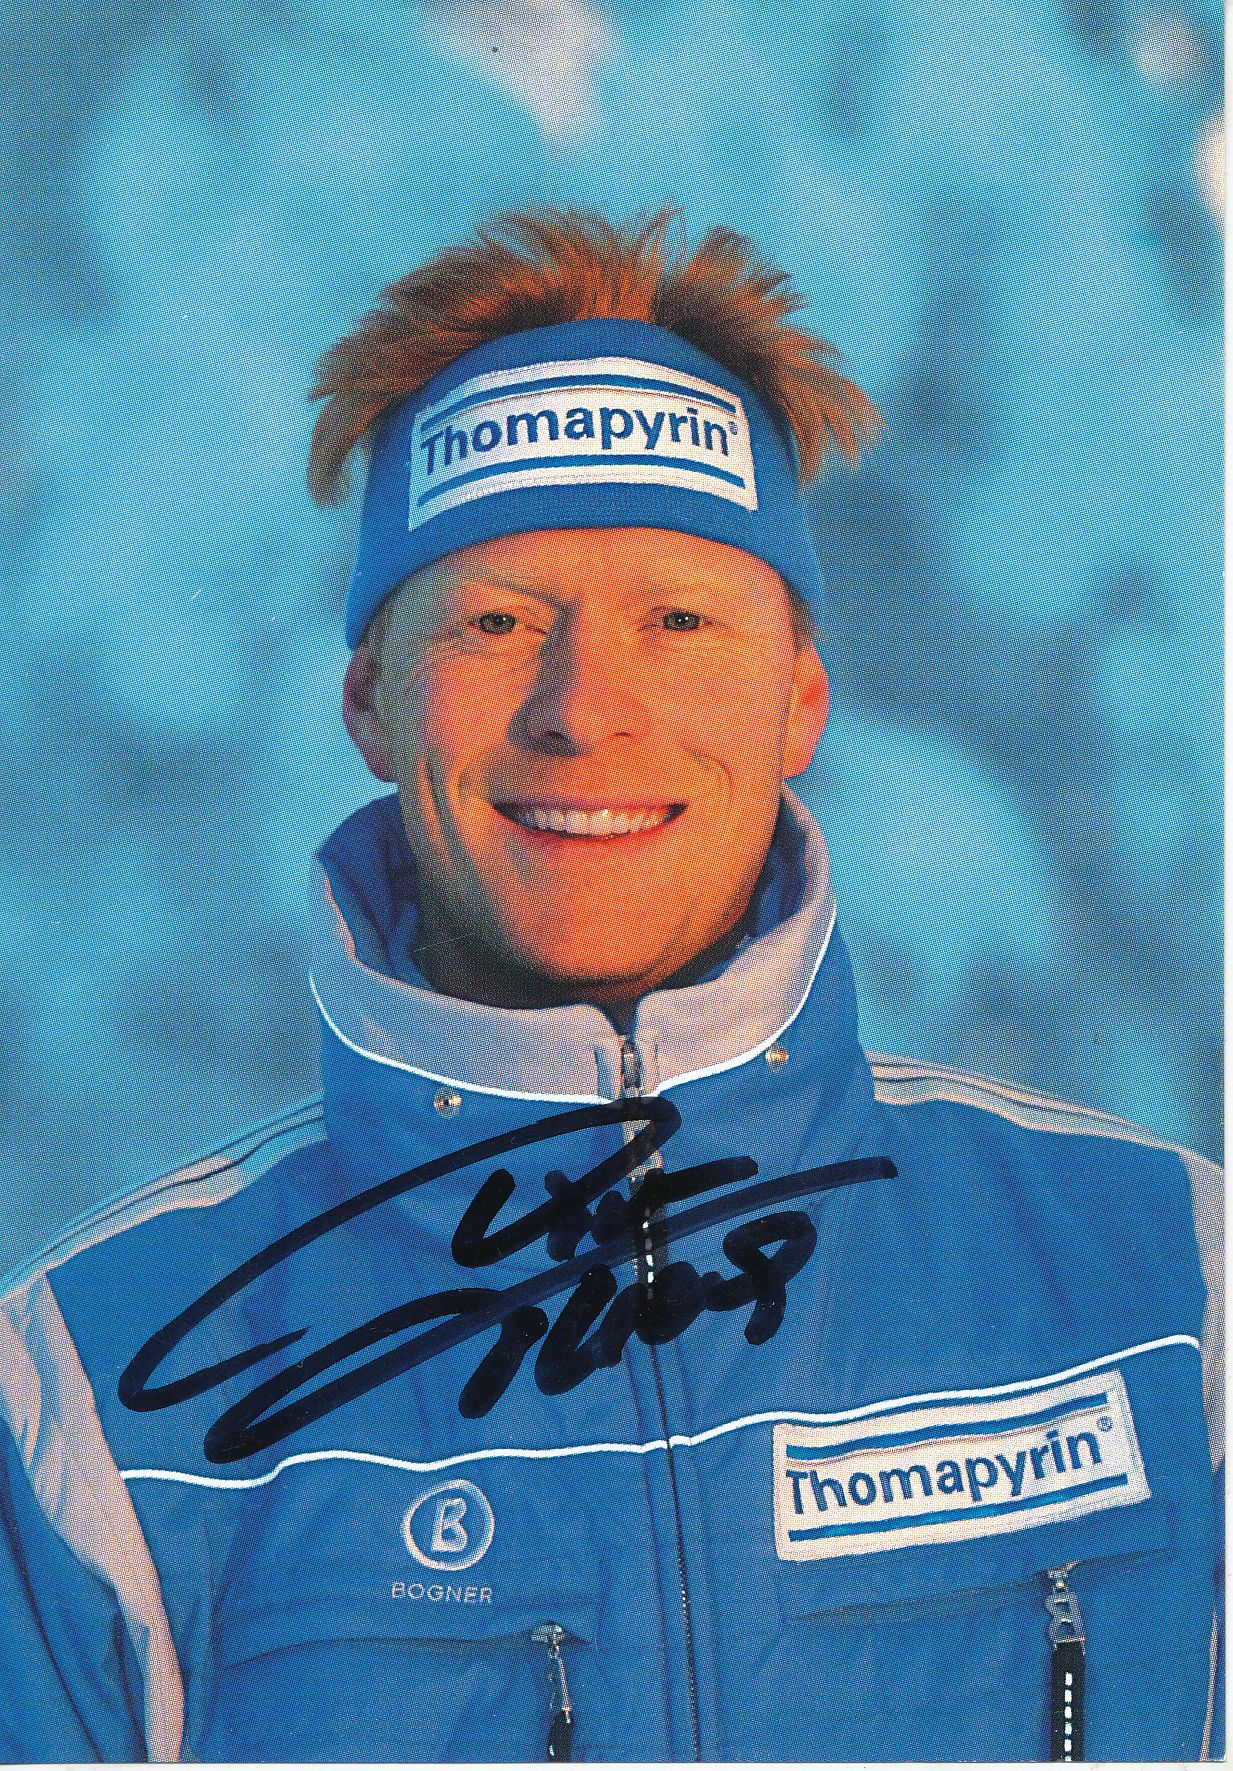 Dieter Thoma *UH* Skispringen Autogrammkarte original signiert AK 4234